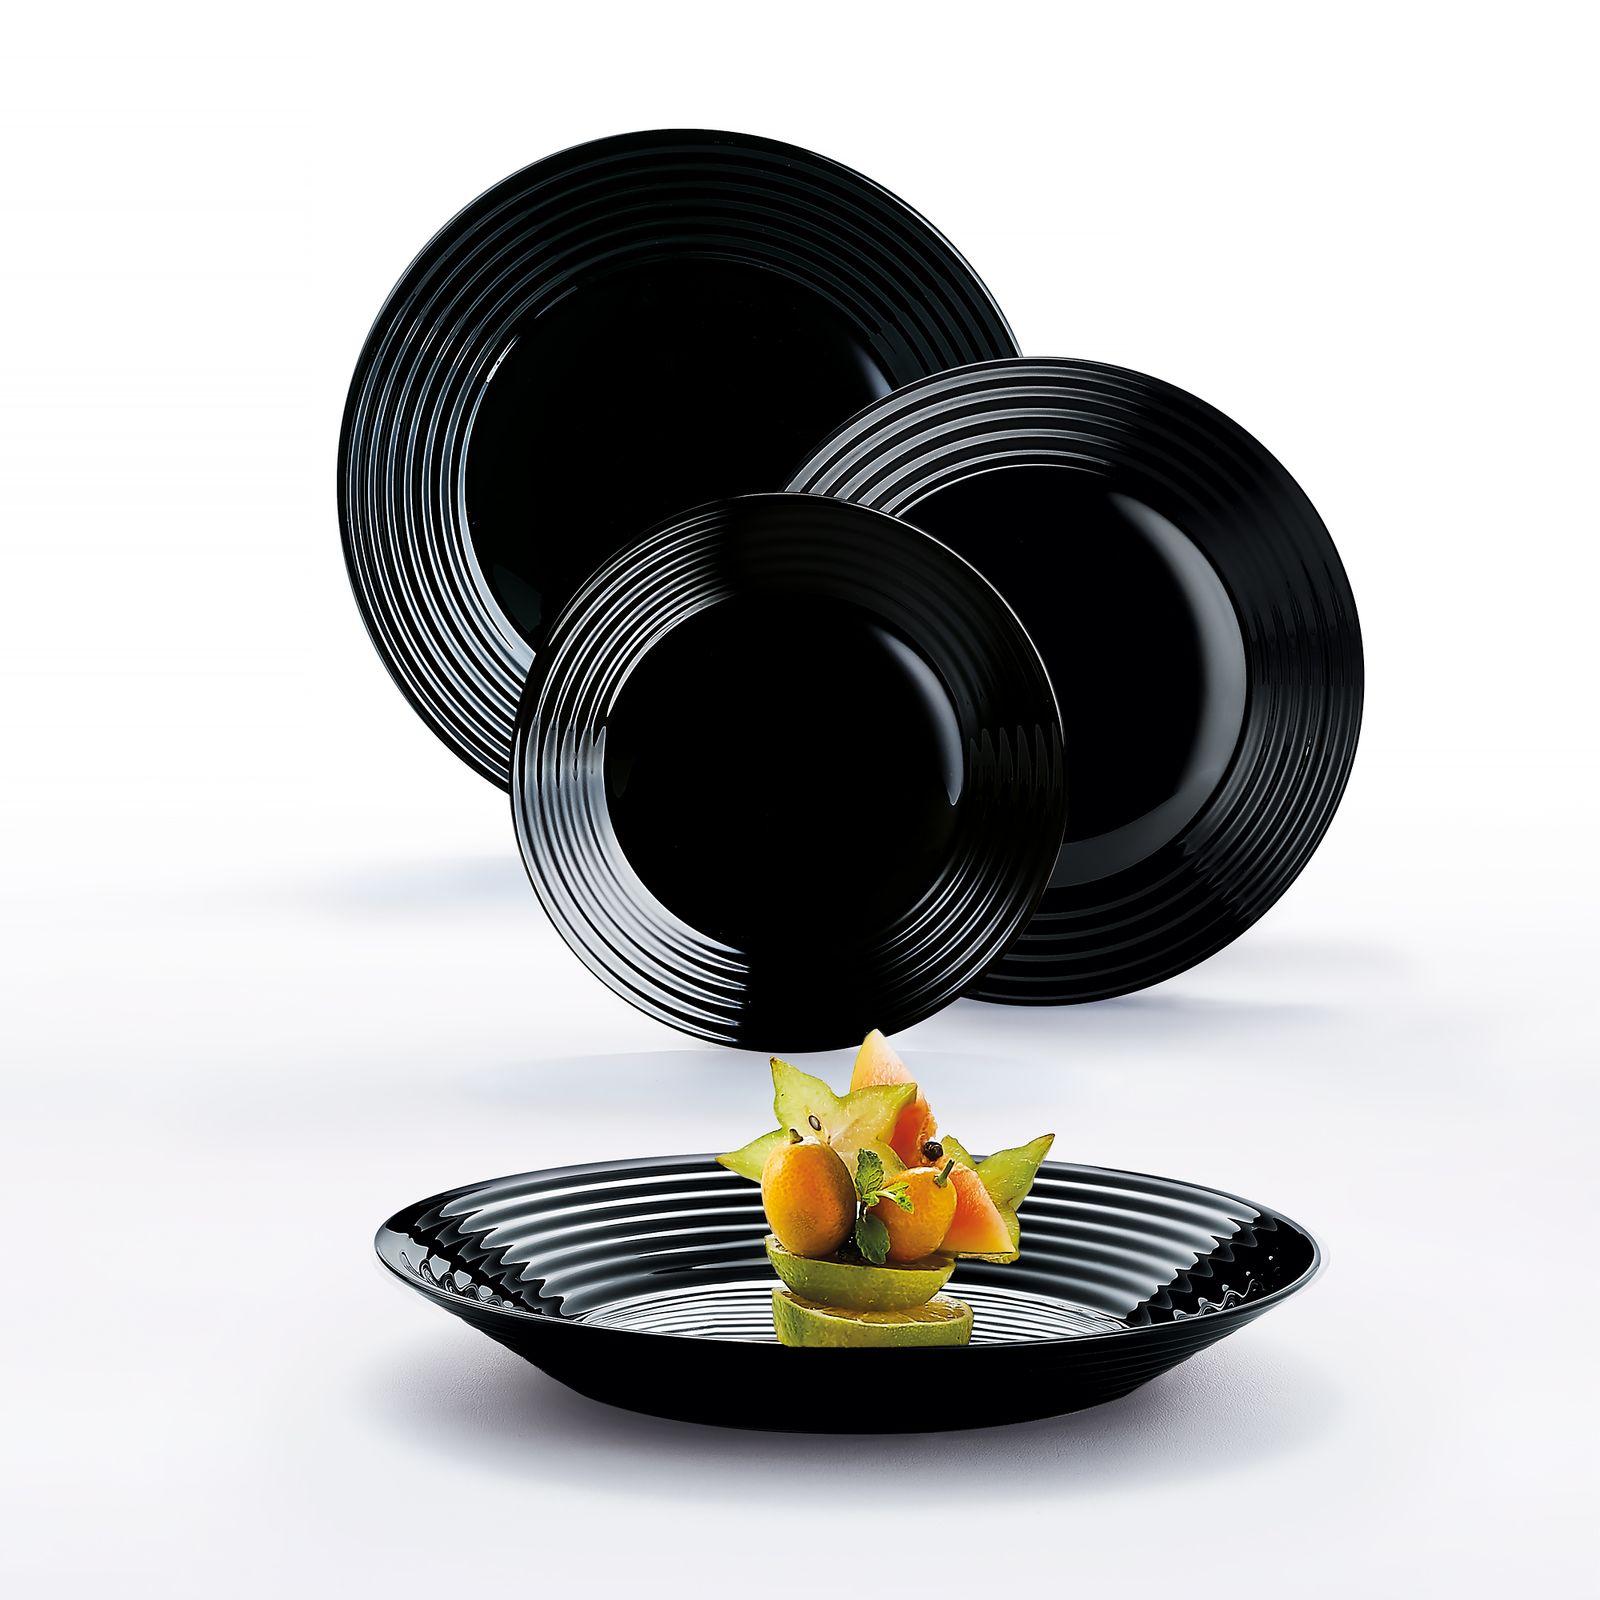 Komplet obiadowy Harena 19-elementowy czarny LUMINARC (salaterka 27 cm)